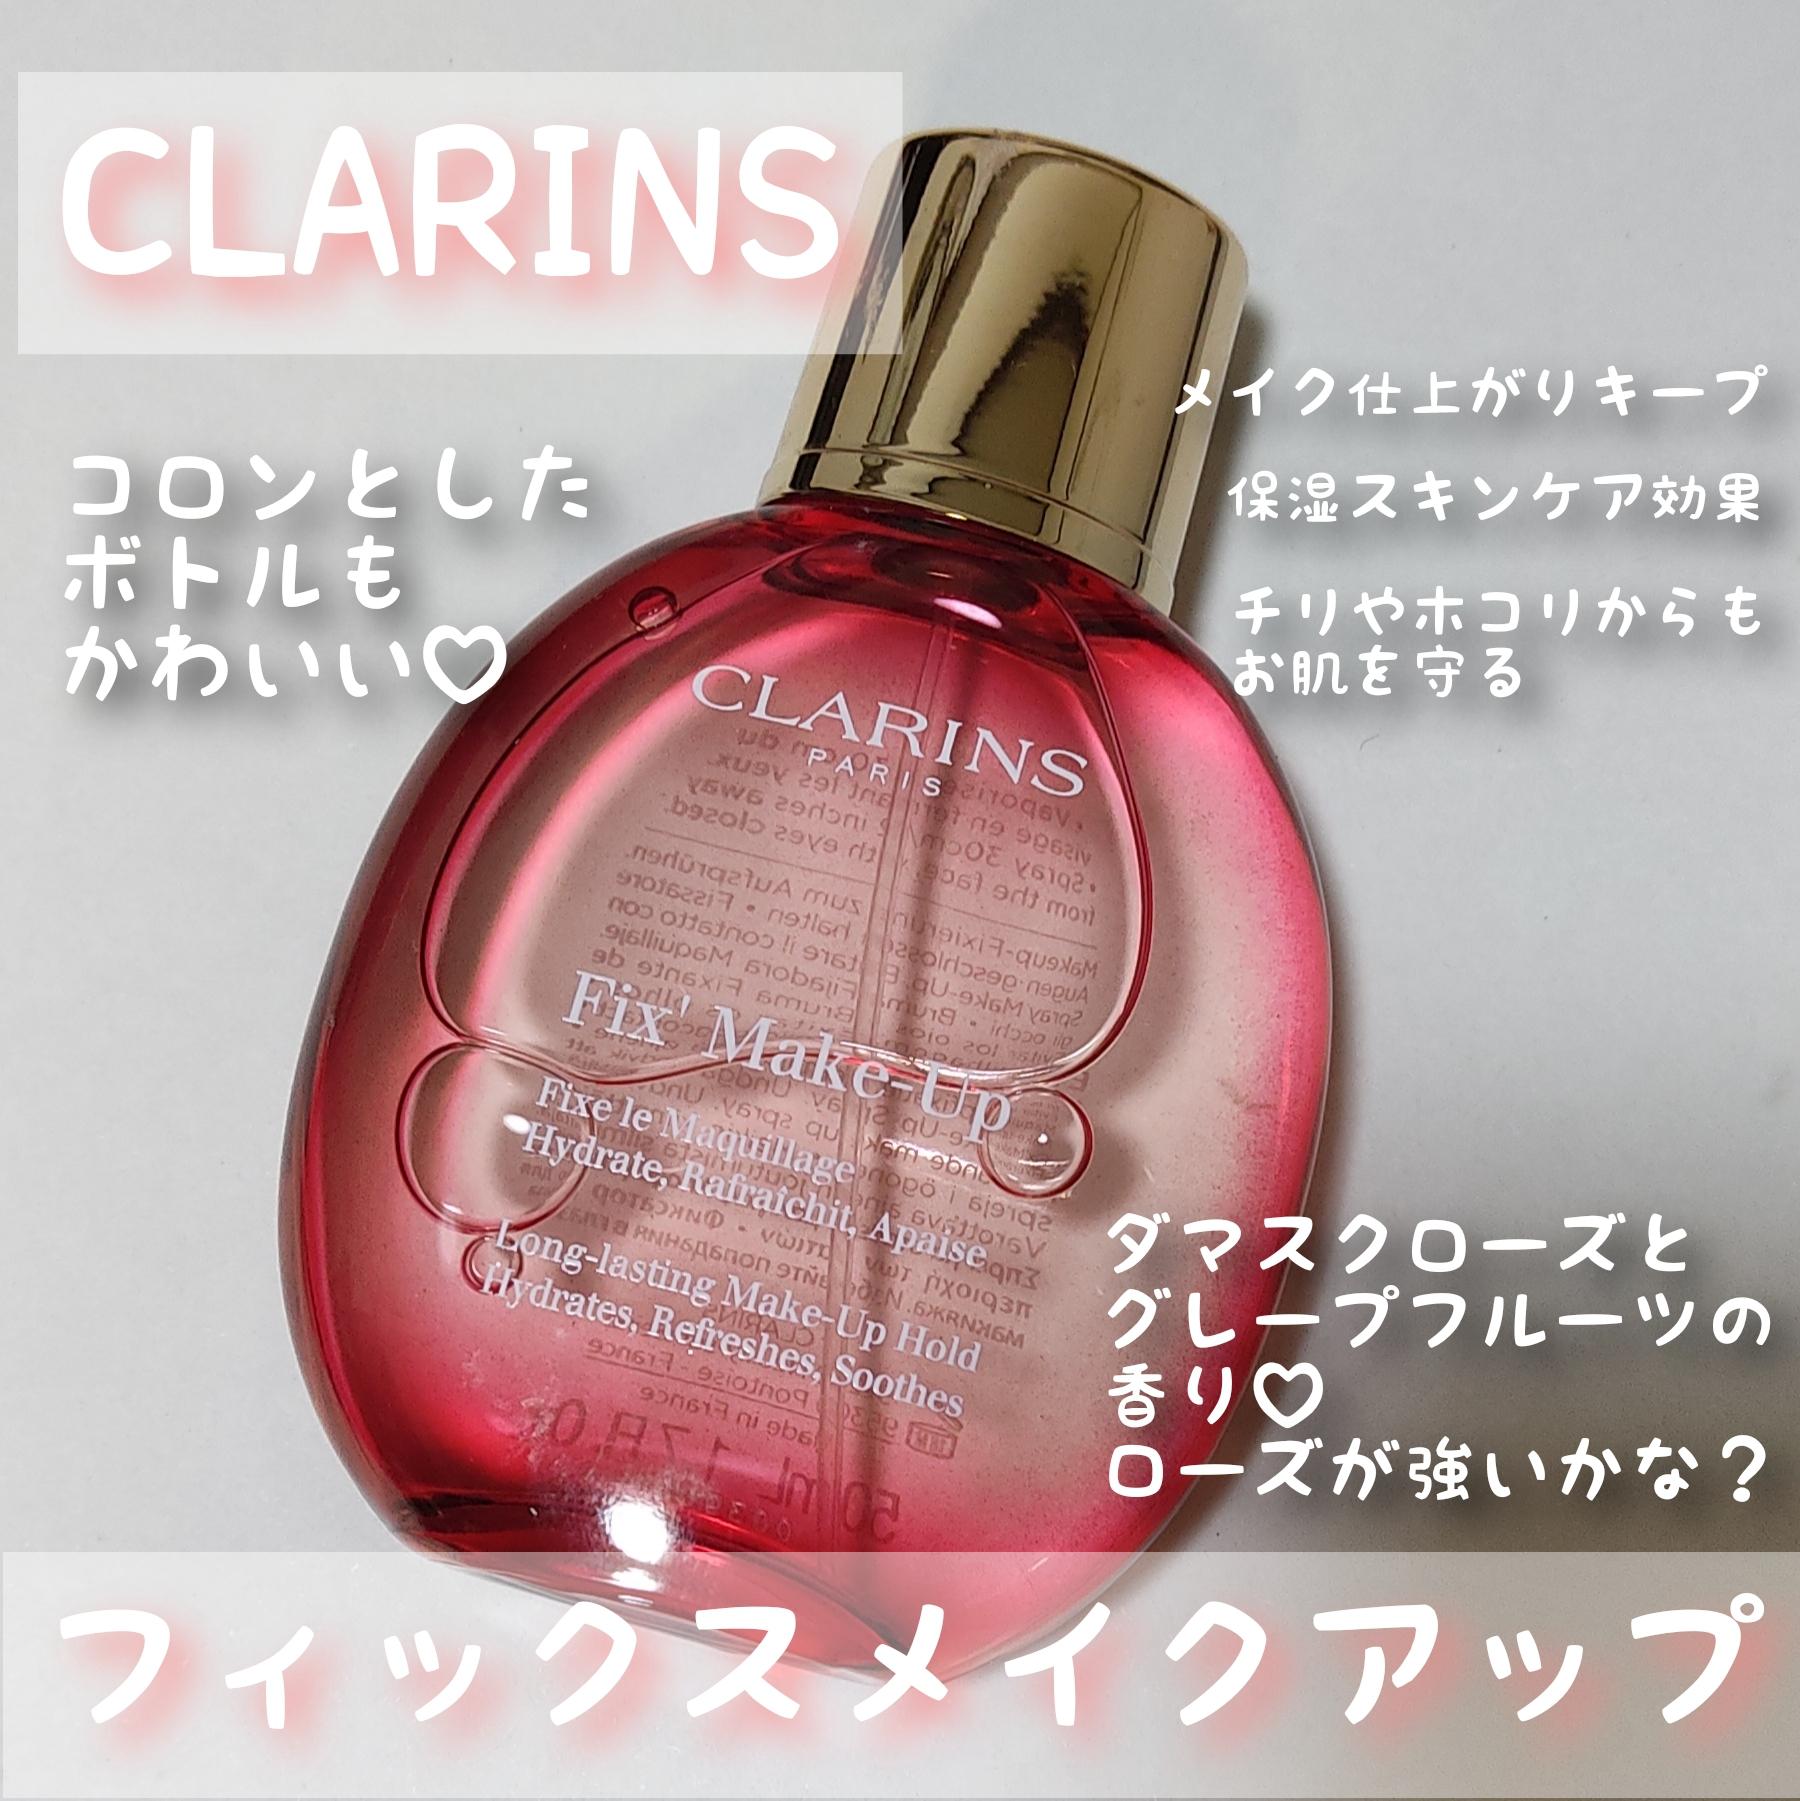 CLARINS(クラランス)フィックス メイクアップを使ったにゃにゃこさんのクチコミ画像1